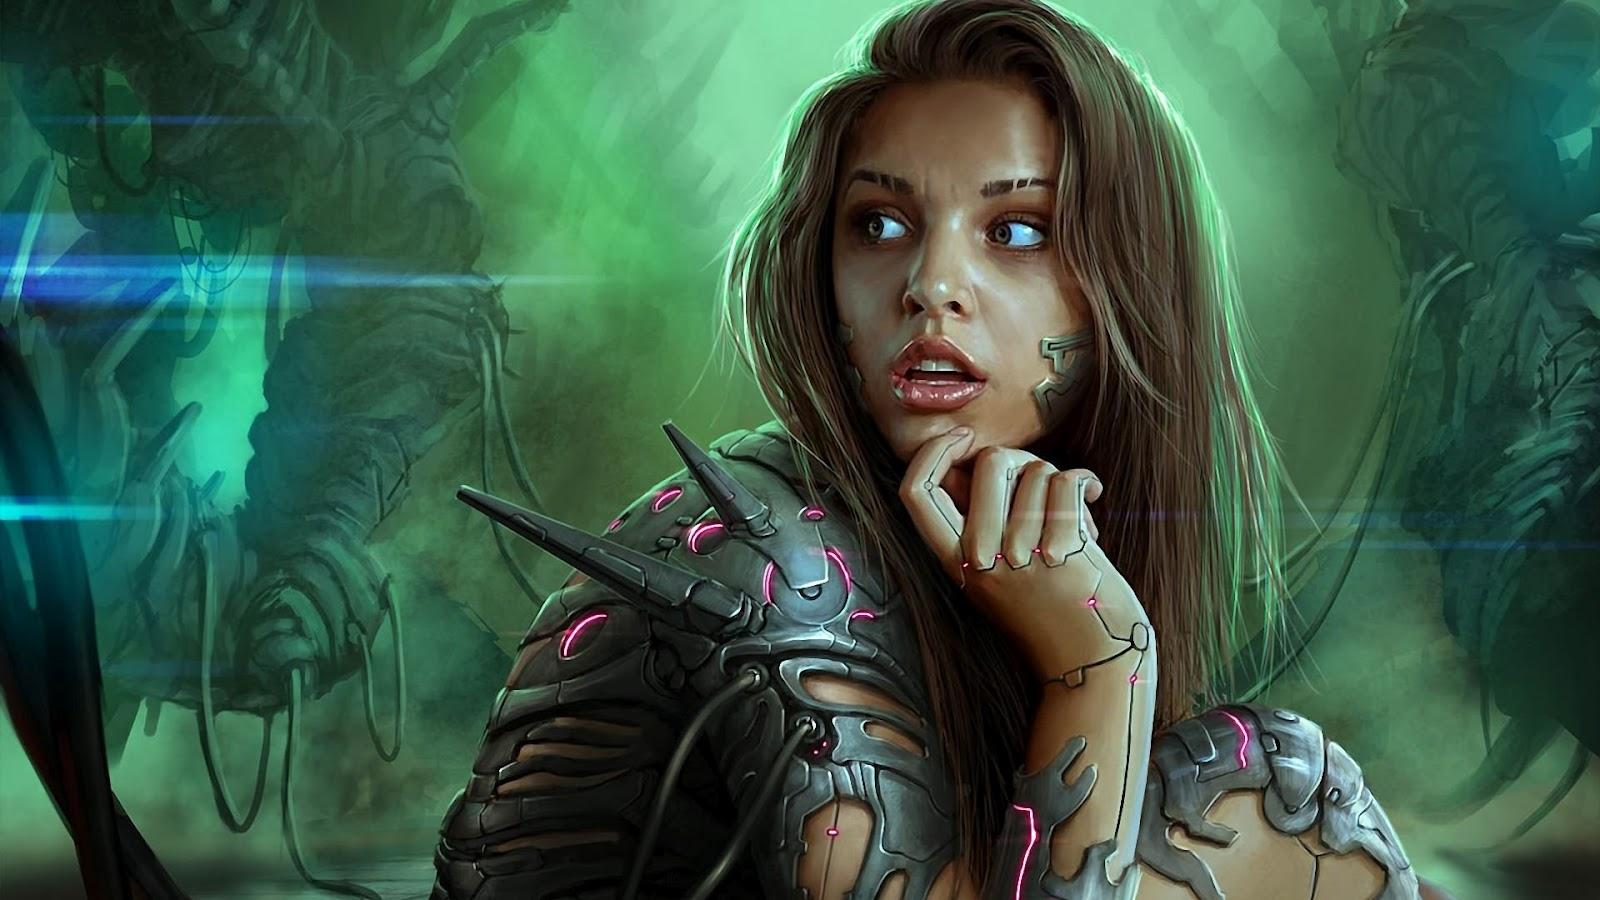 http://4.bp.blogspot.com/-jV05qpEIqoo/UEHaLhxm6uI/AAAAAAAAEhg/6-028og8F4Y/s1600/cyborg-woman-1080.jpg